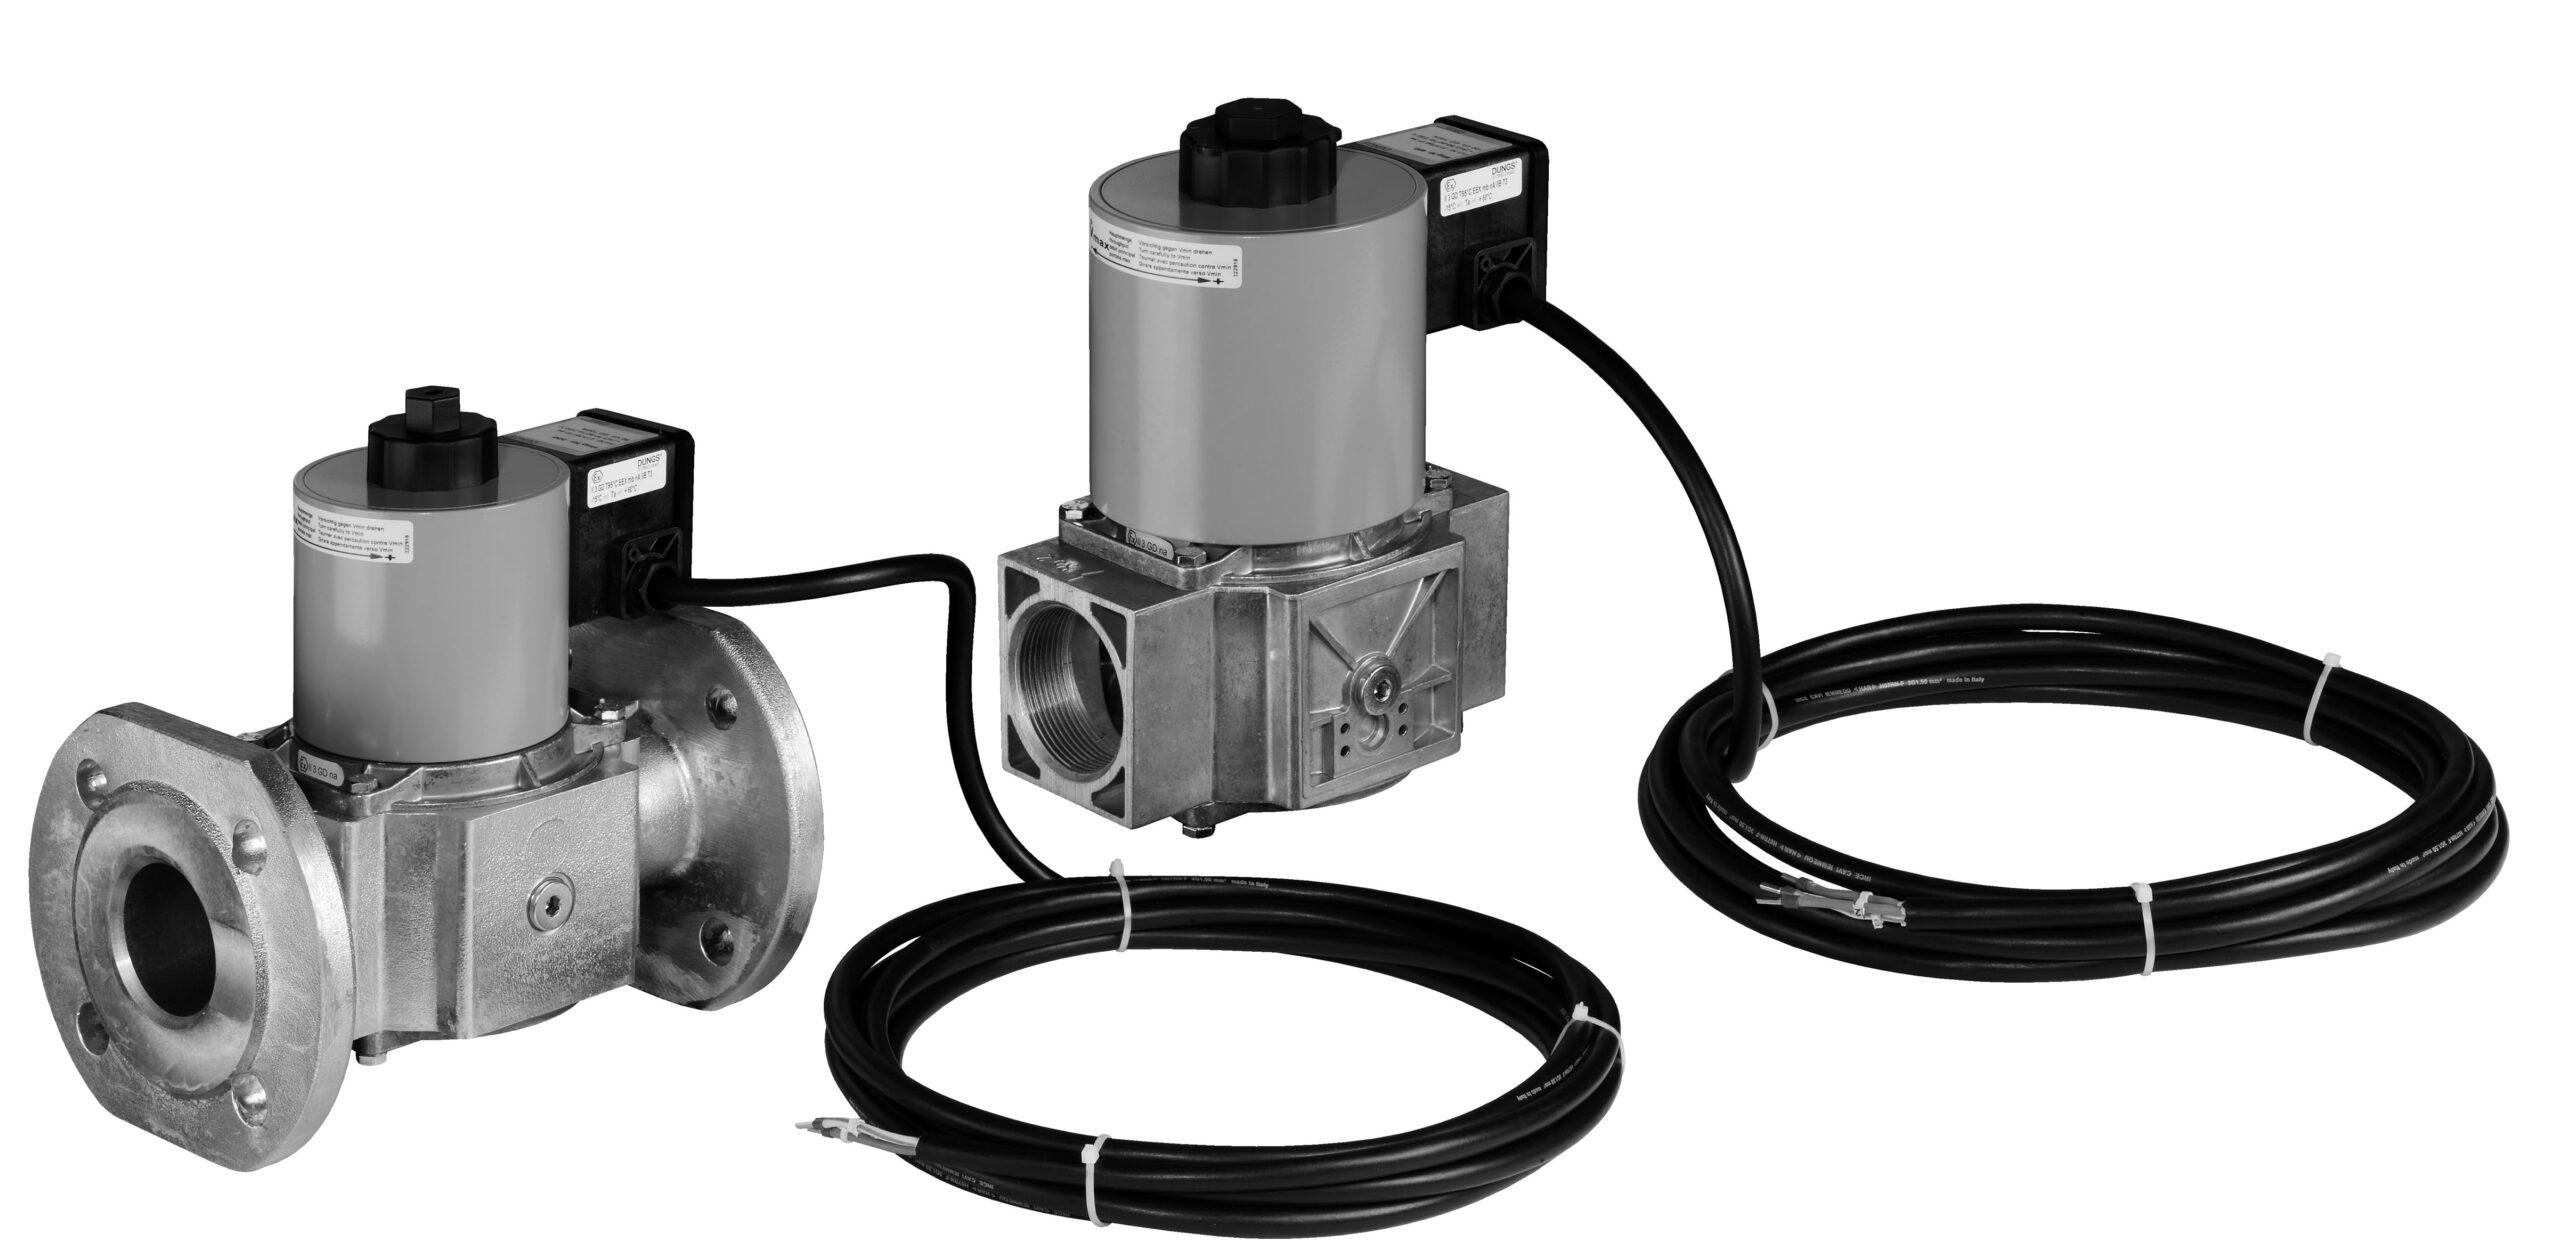 MVD 520 X: Електромагнітний клапан безпеки, одноступінчатий ATEX - Фото №1